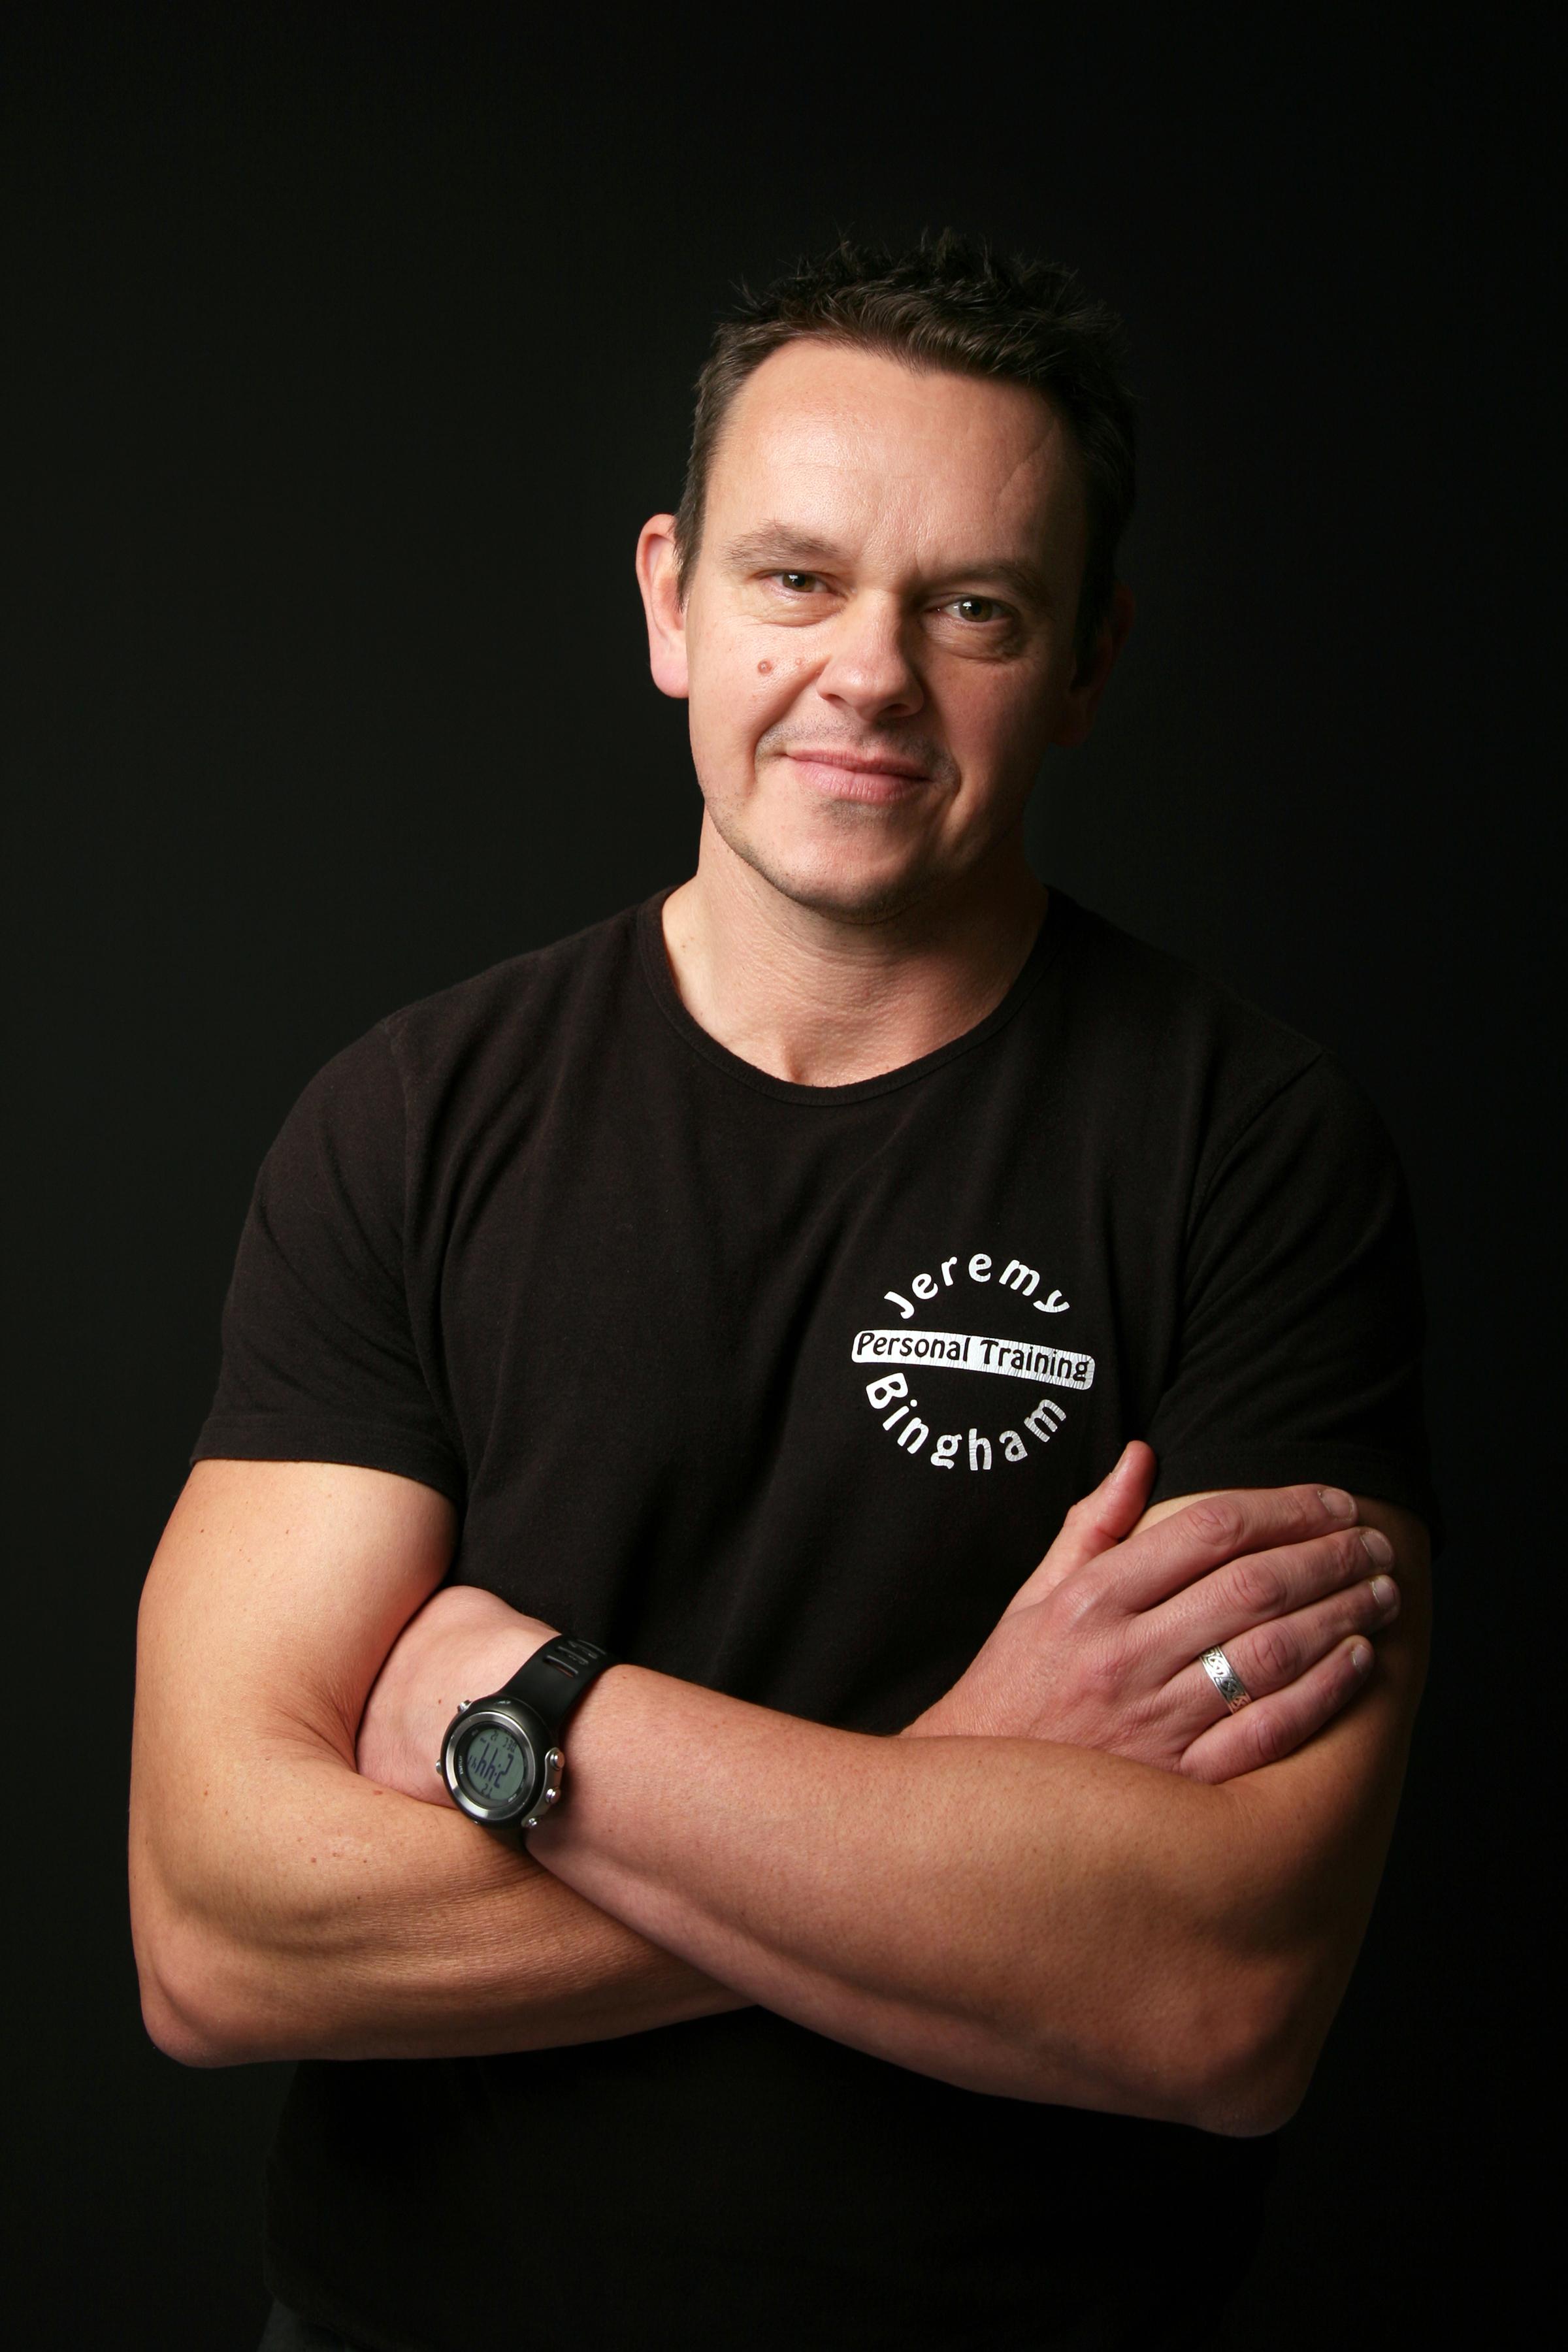 Jeremy Bingham Personal Training Stroud